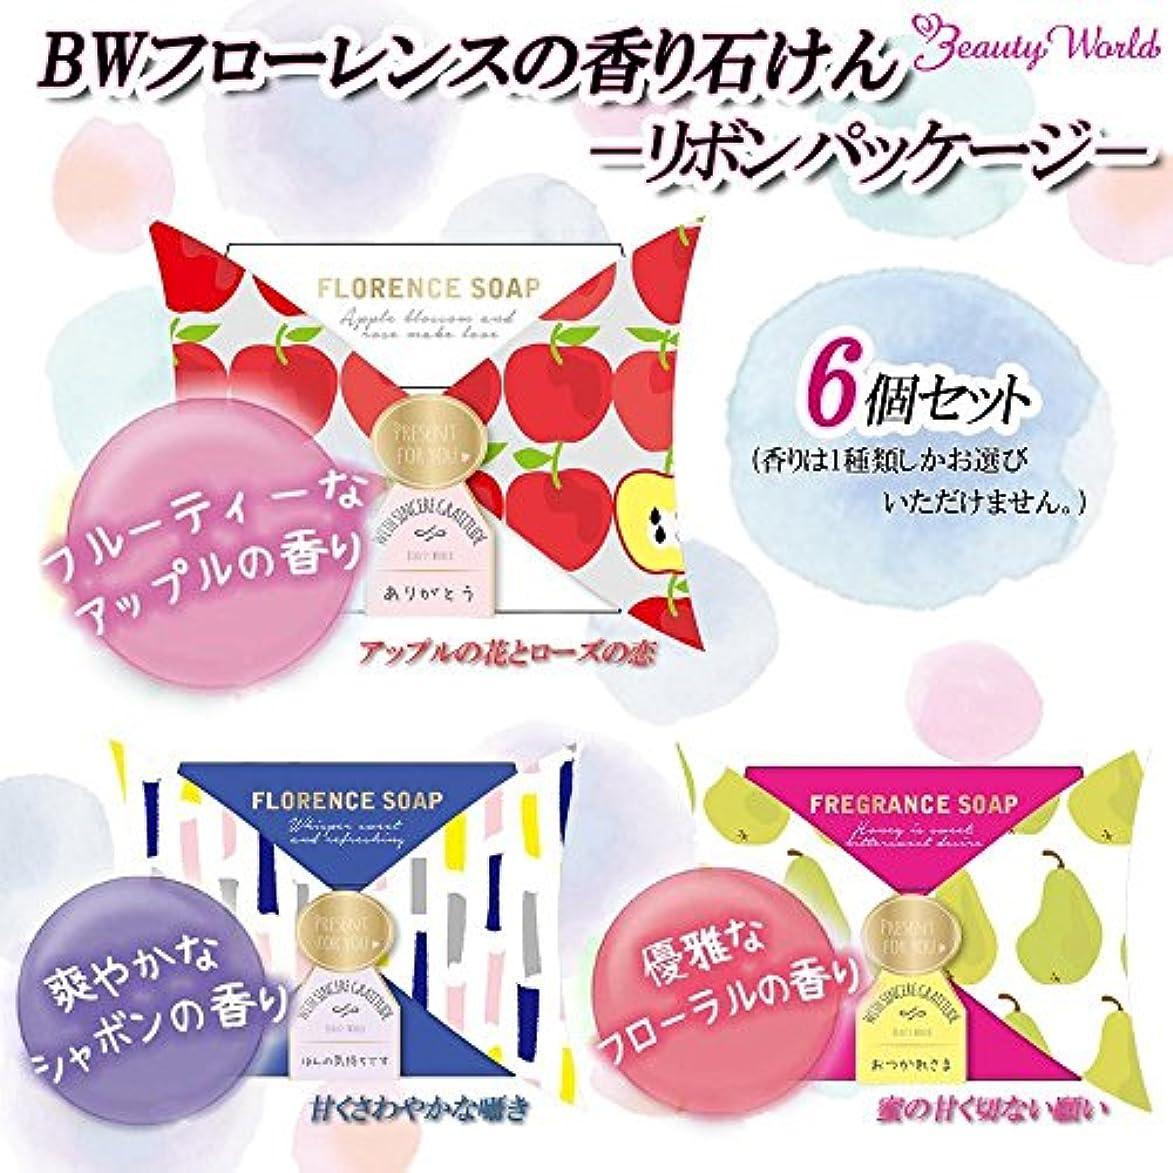 花弁限定トレーニングビューティーワールド BWフローレンスの香り石けん リボンパッケージ 6個セット ■3種類の内「FSP385?甘くさわやかな囁き」を1点のみです